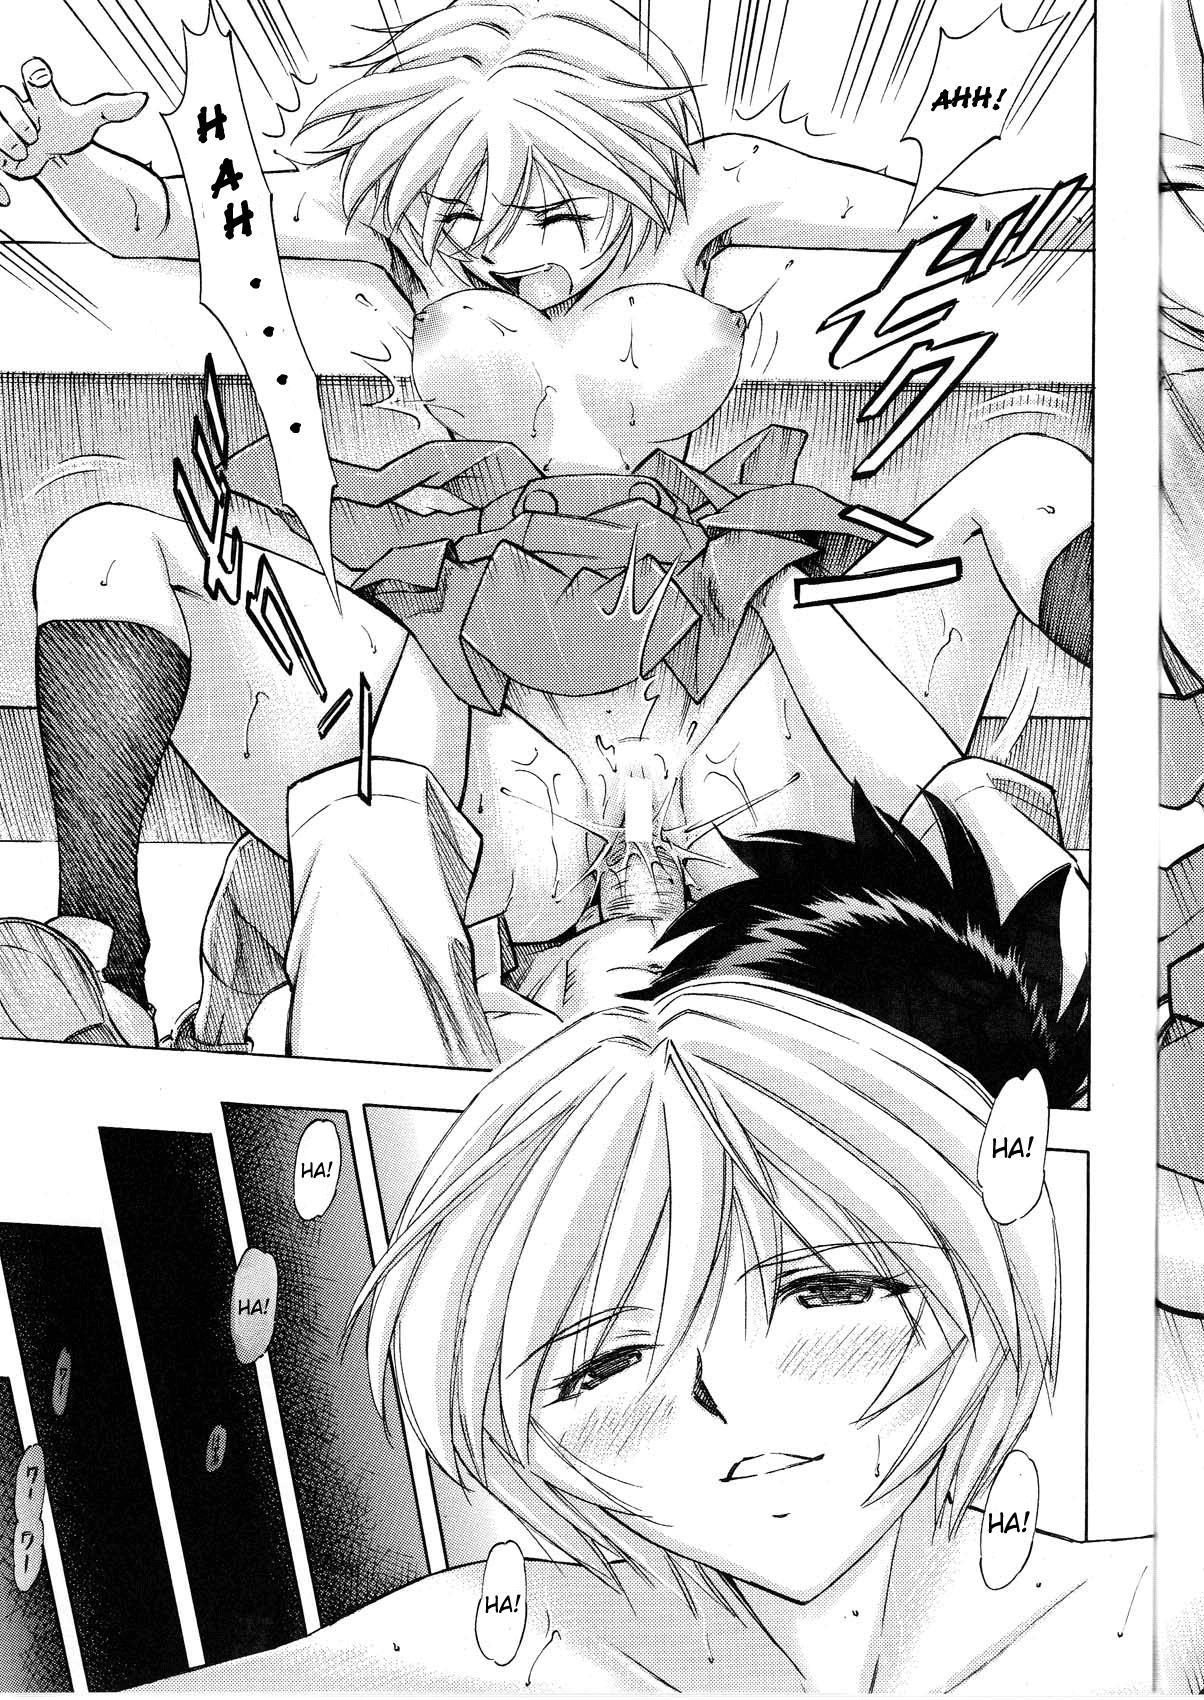 Ayanami no Toki 22